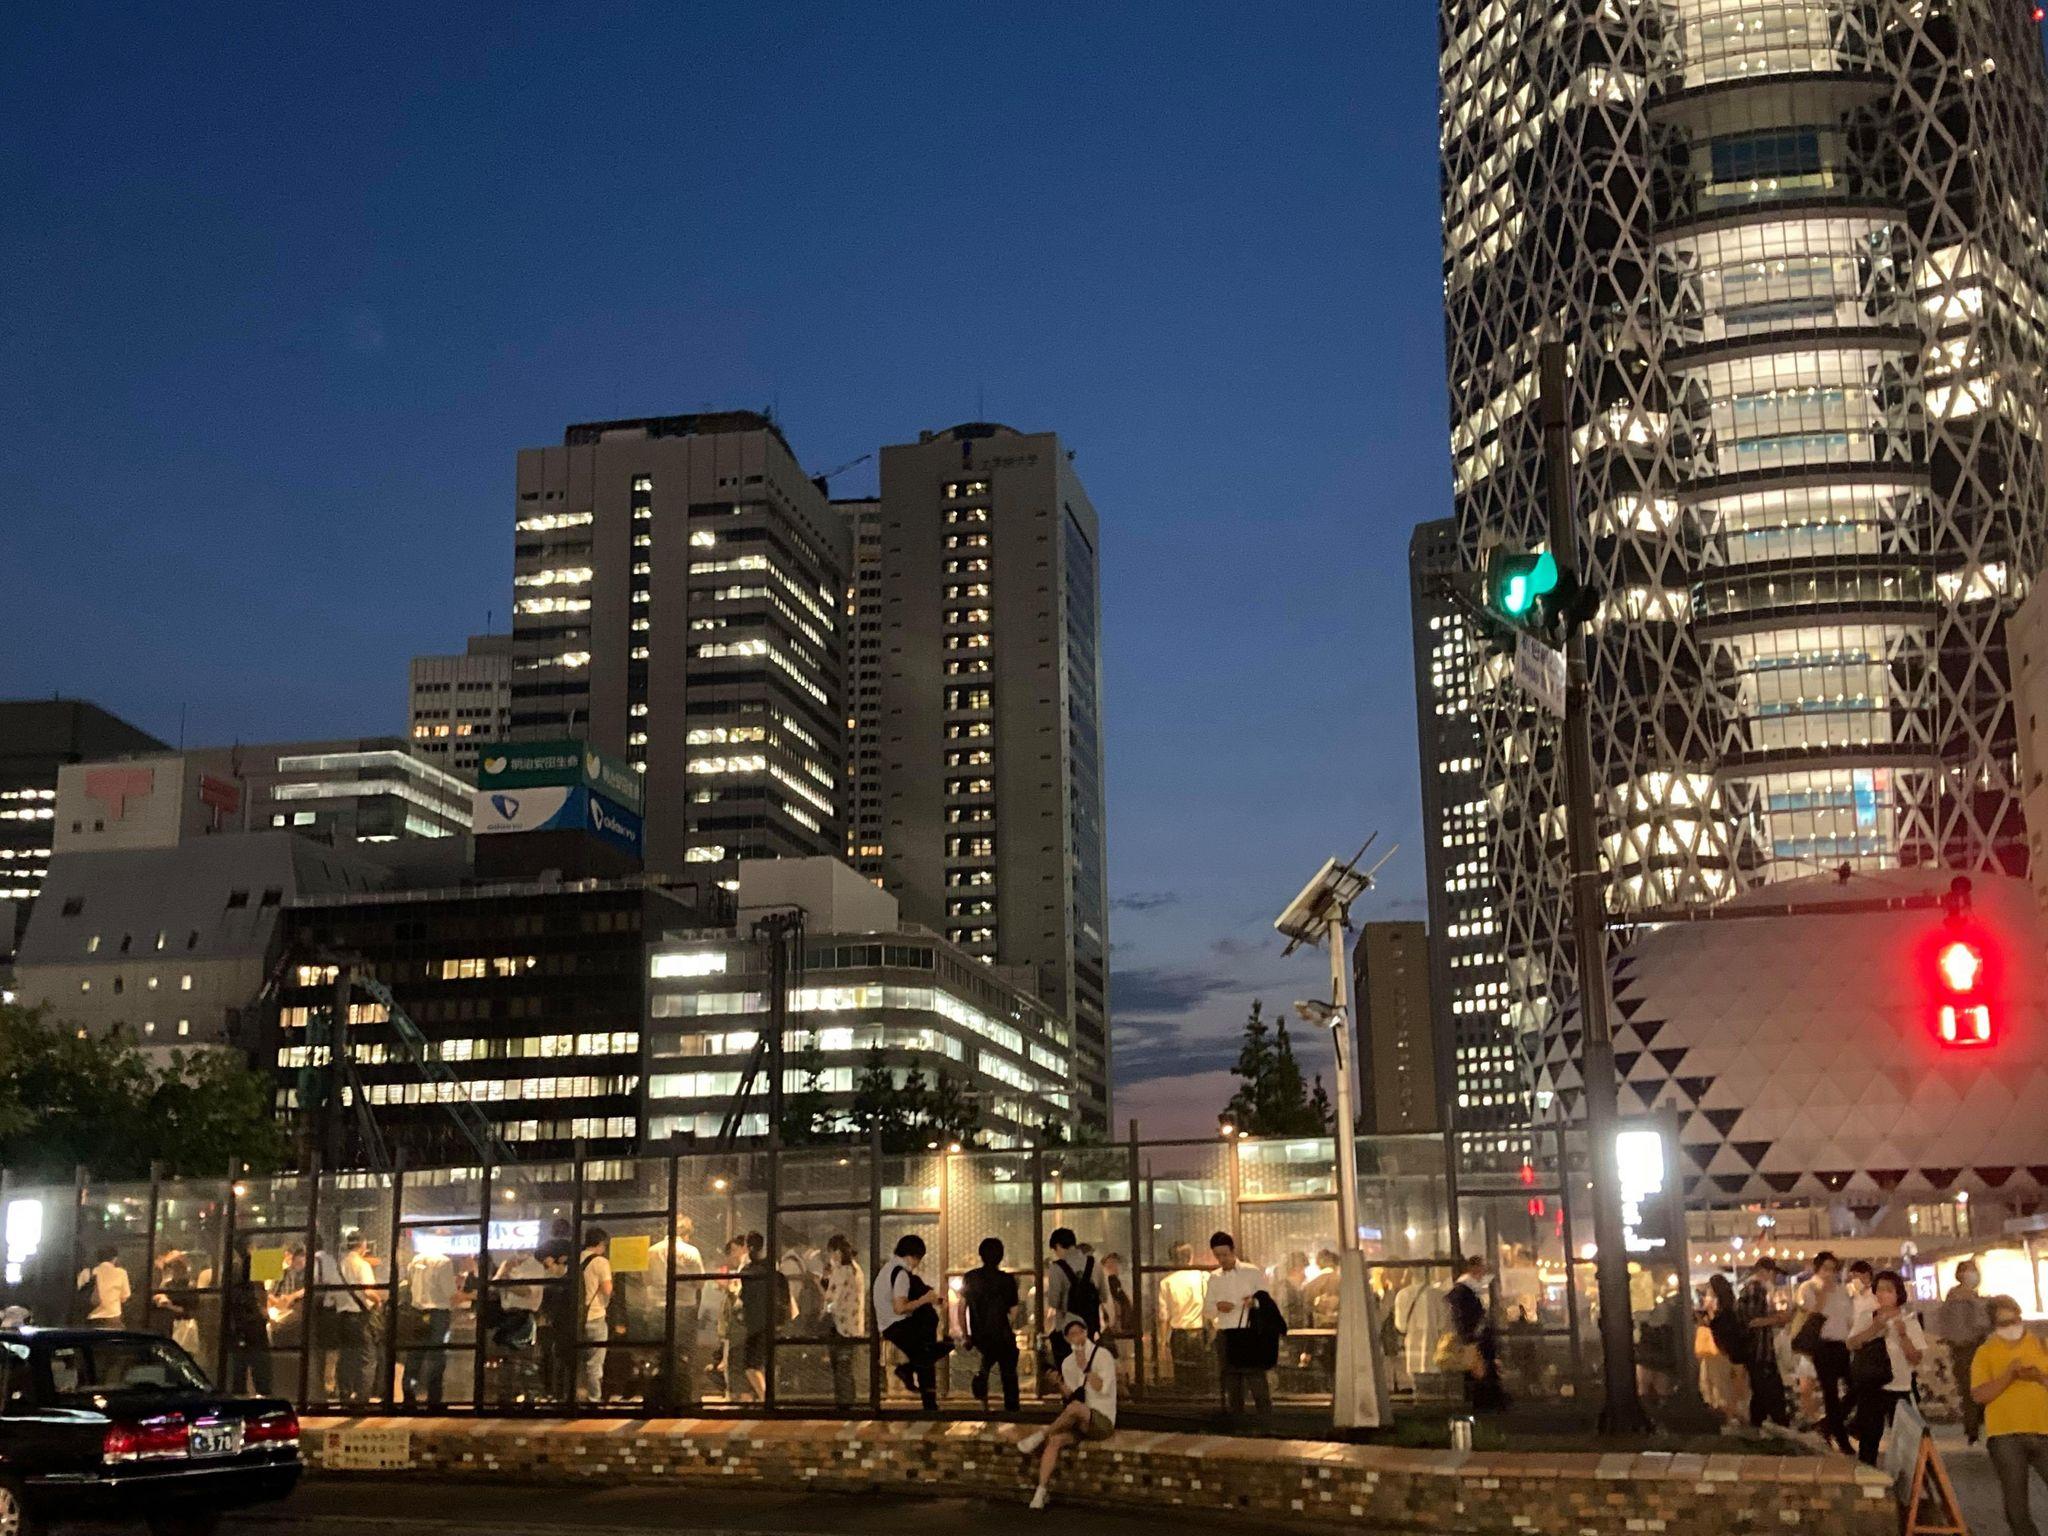 新宿駅西口喫煙所